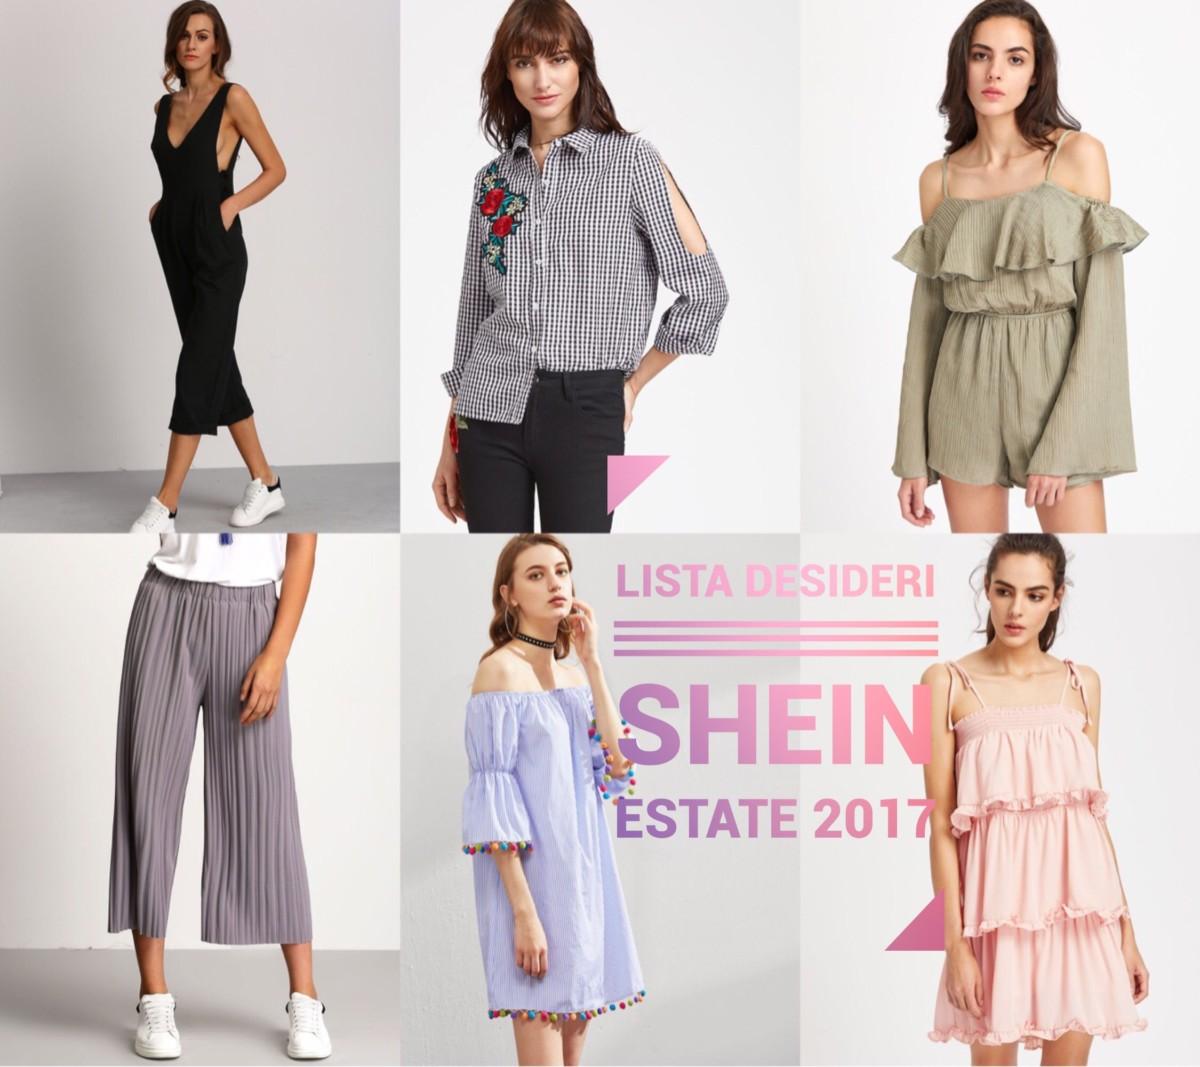 Lista desideri Shein estate 2017 - wishlist Shein